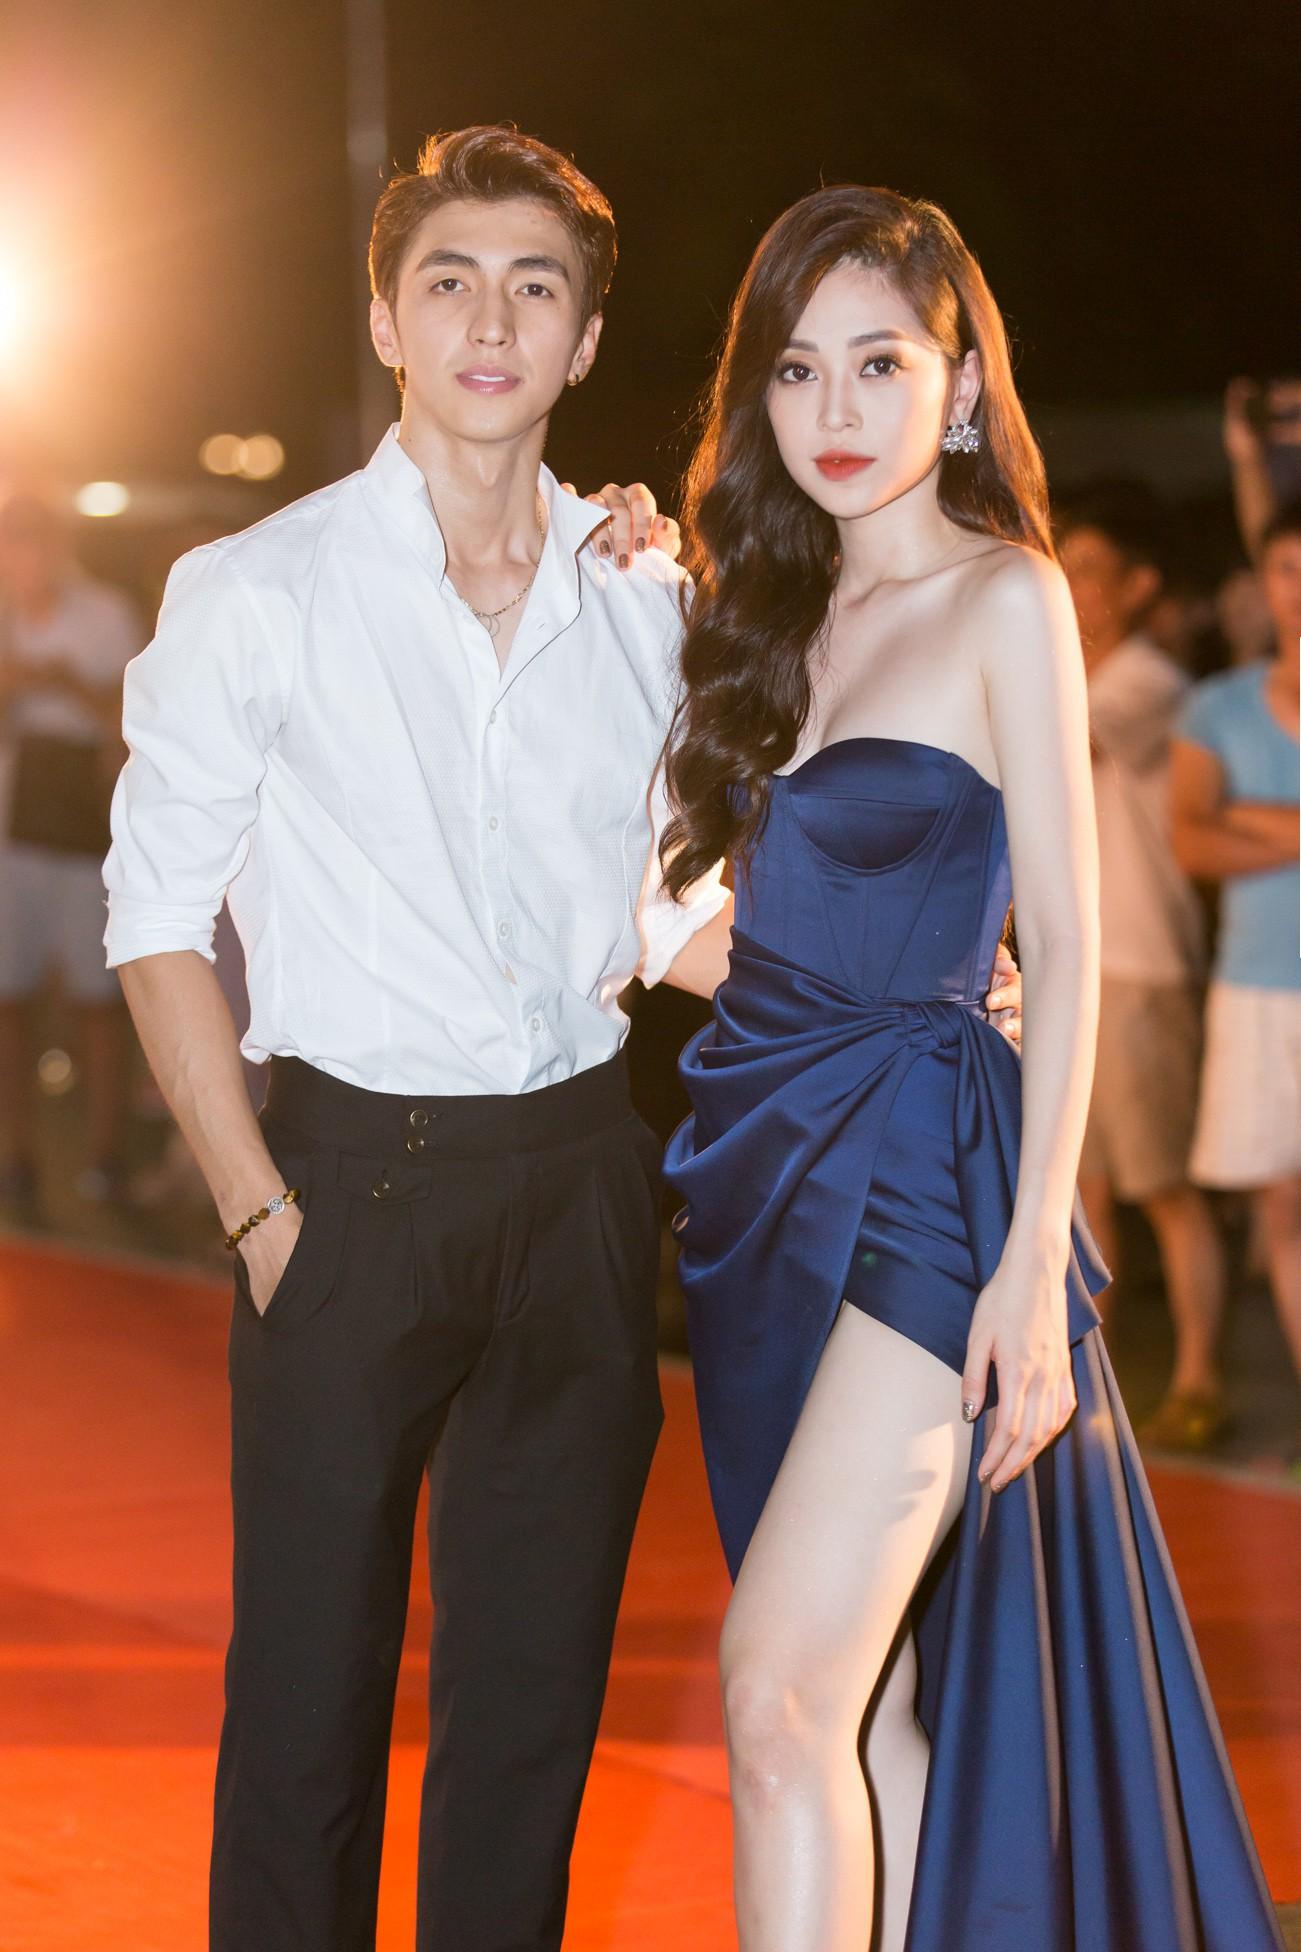 Mỹ Linh nổi bần bật xuất hiện sau nghi án tình ái, Tiểu Vy khoe khéo vòng 1 trên thảm đỏ Chung khảo phía Bắc Miss World Việt Nam 2019 - Ảnh 5.